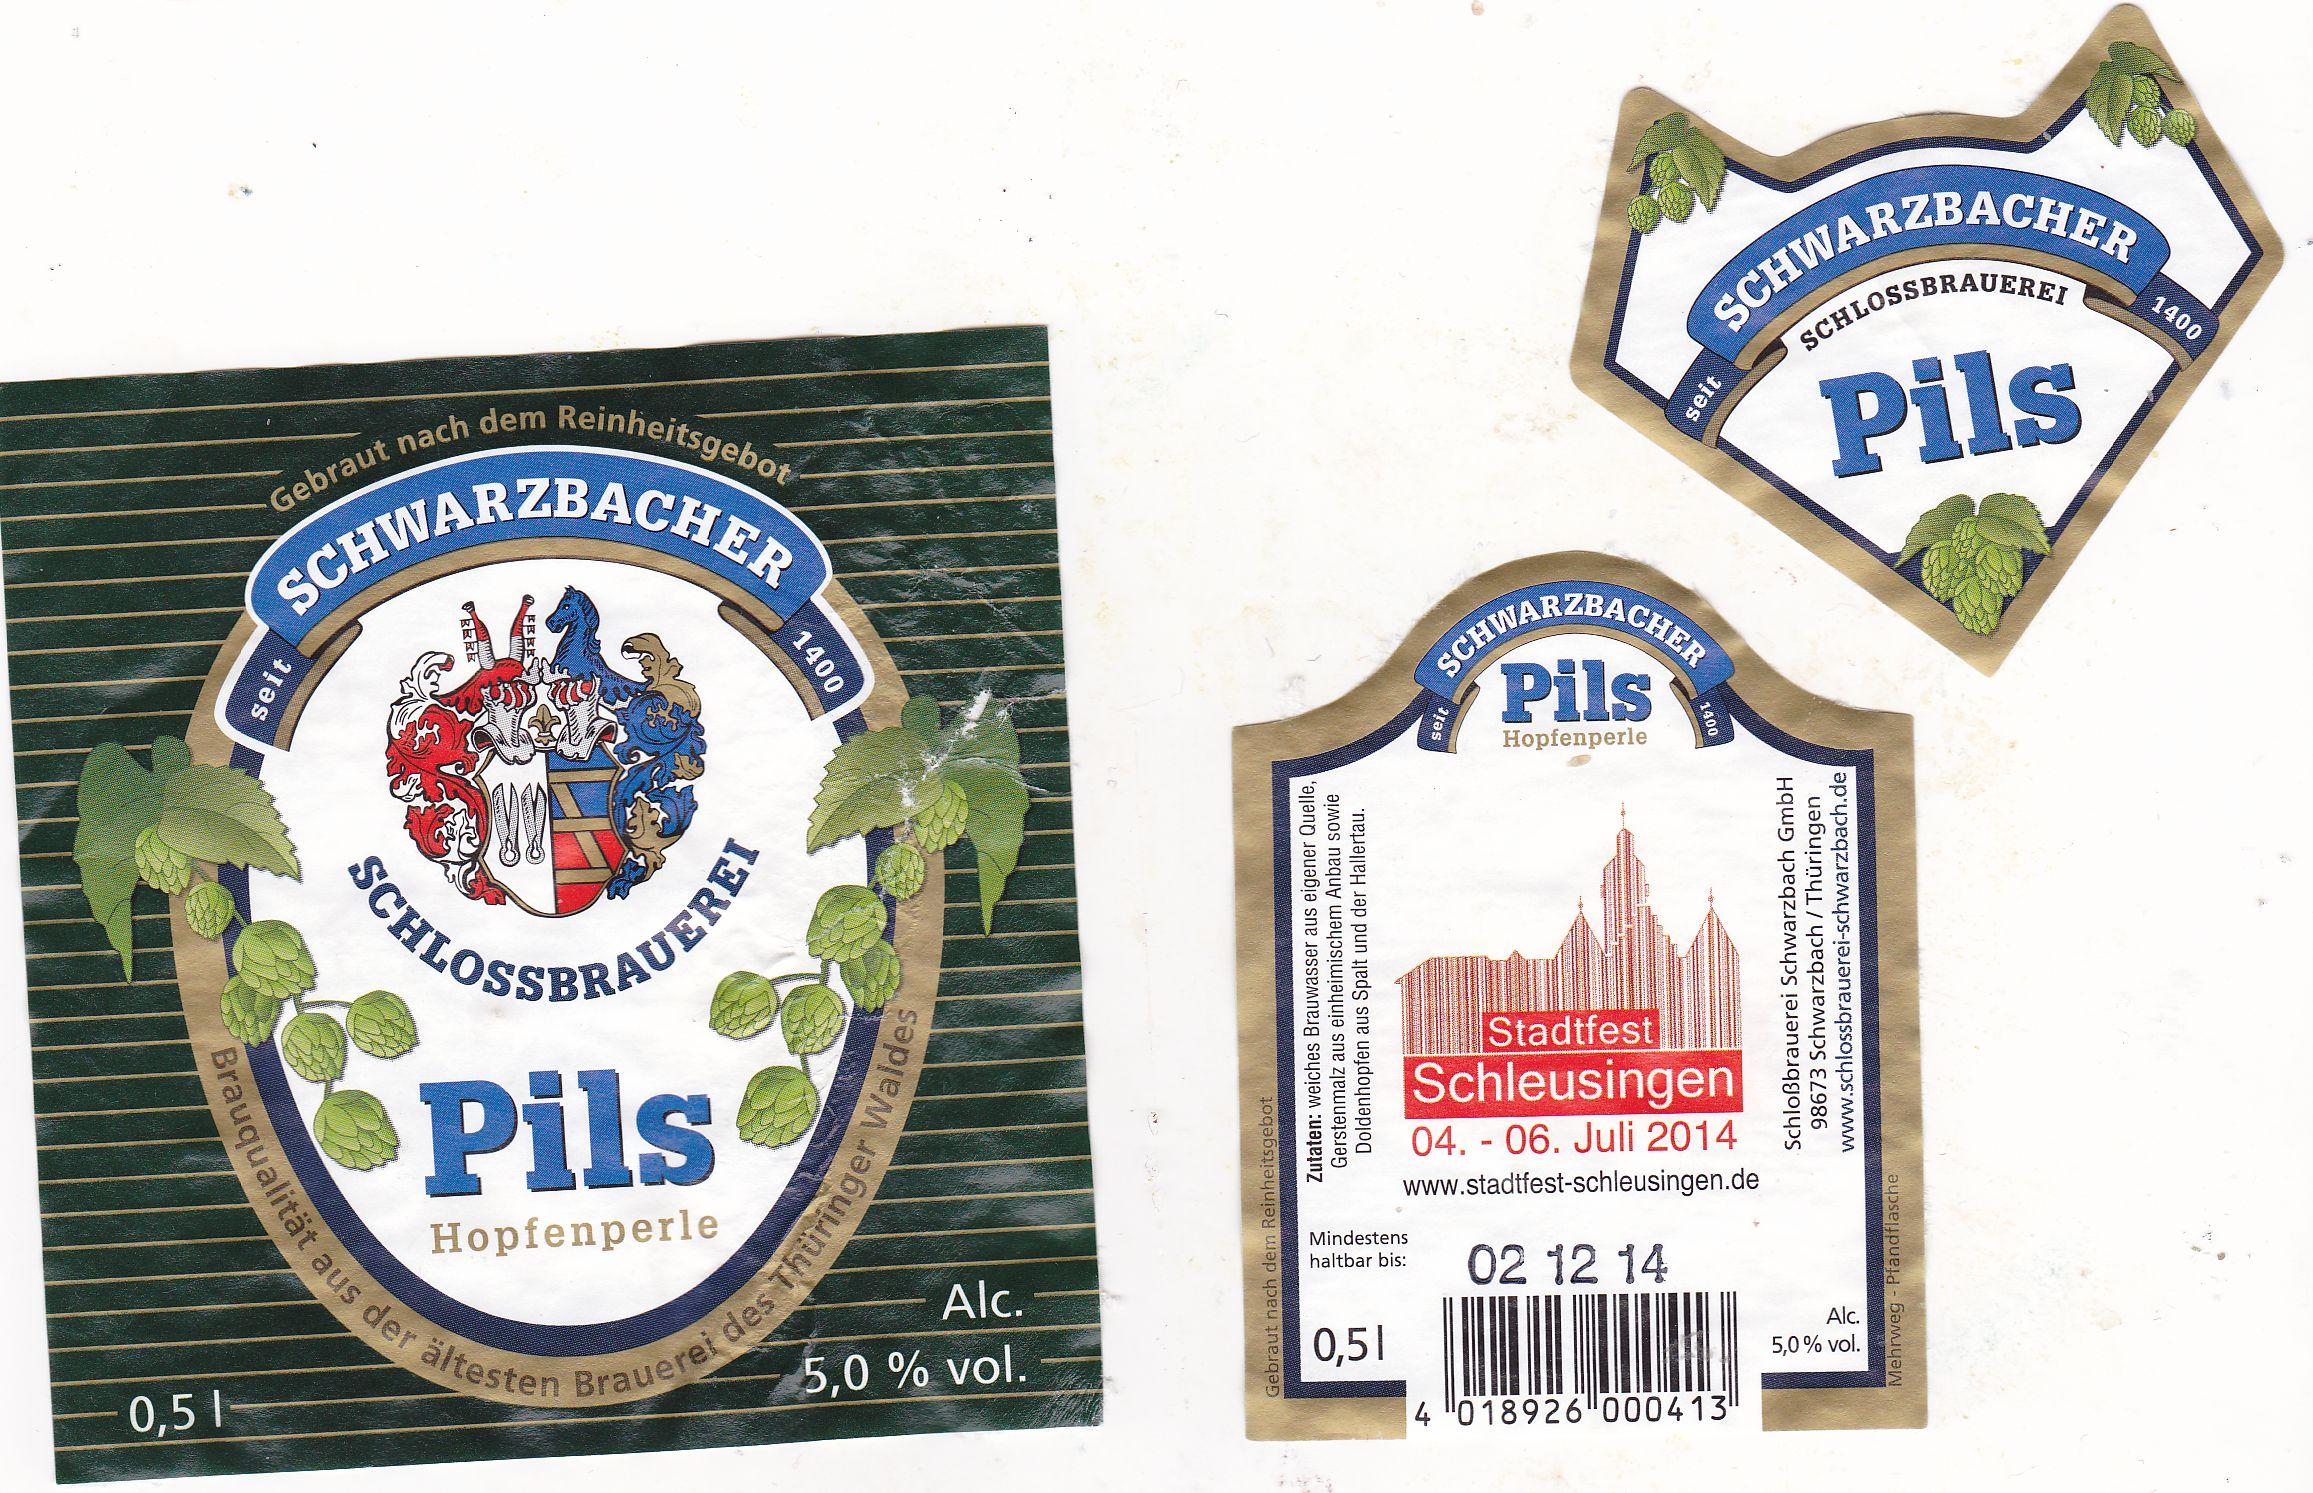 hopfenperle-pils-2